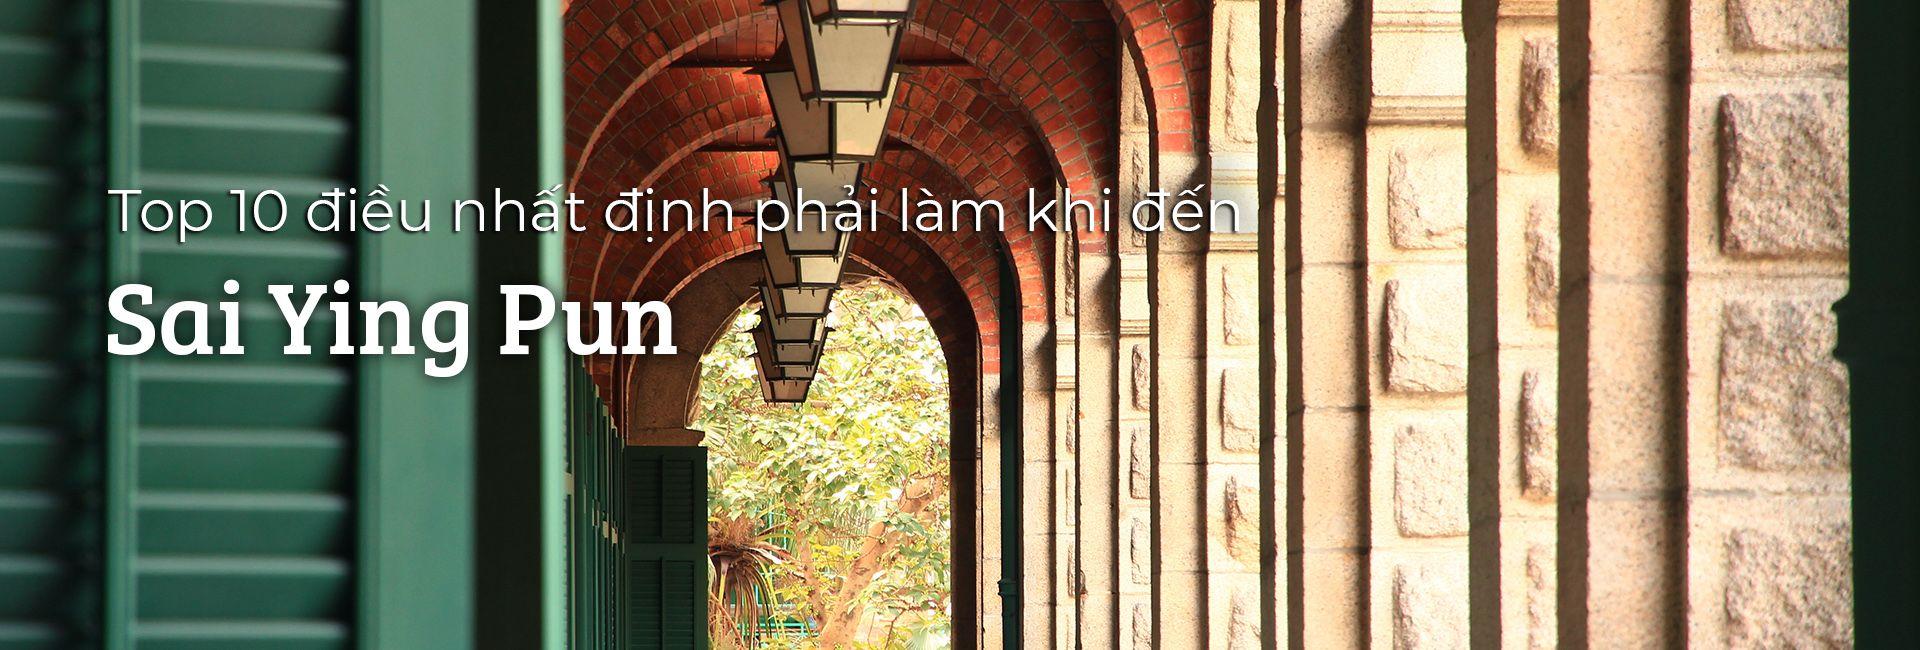 Top 10 trải nghiệm thú vị tại Sai Ying Pun, Hồng Kông